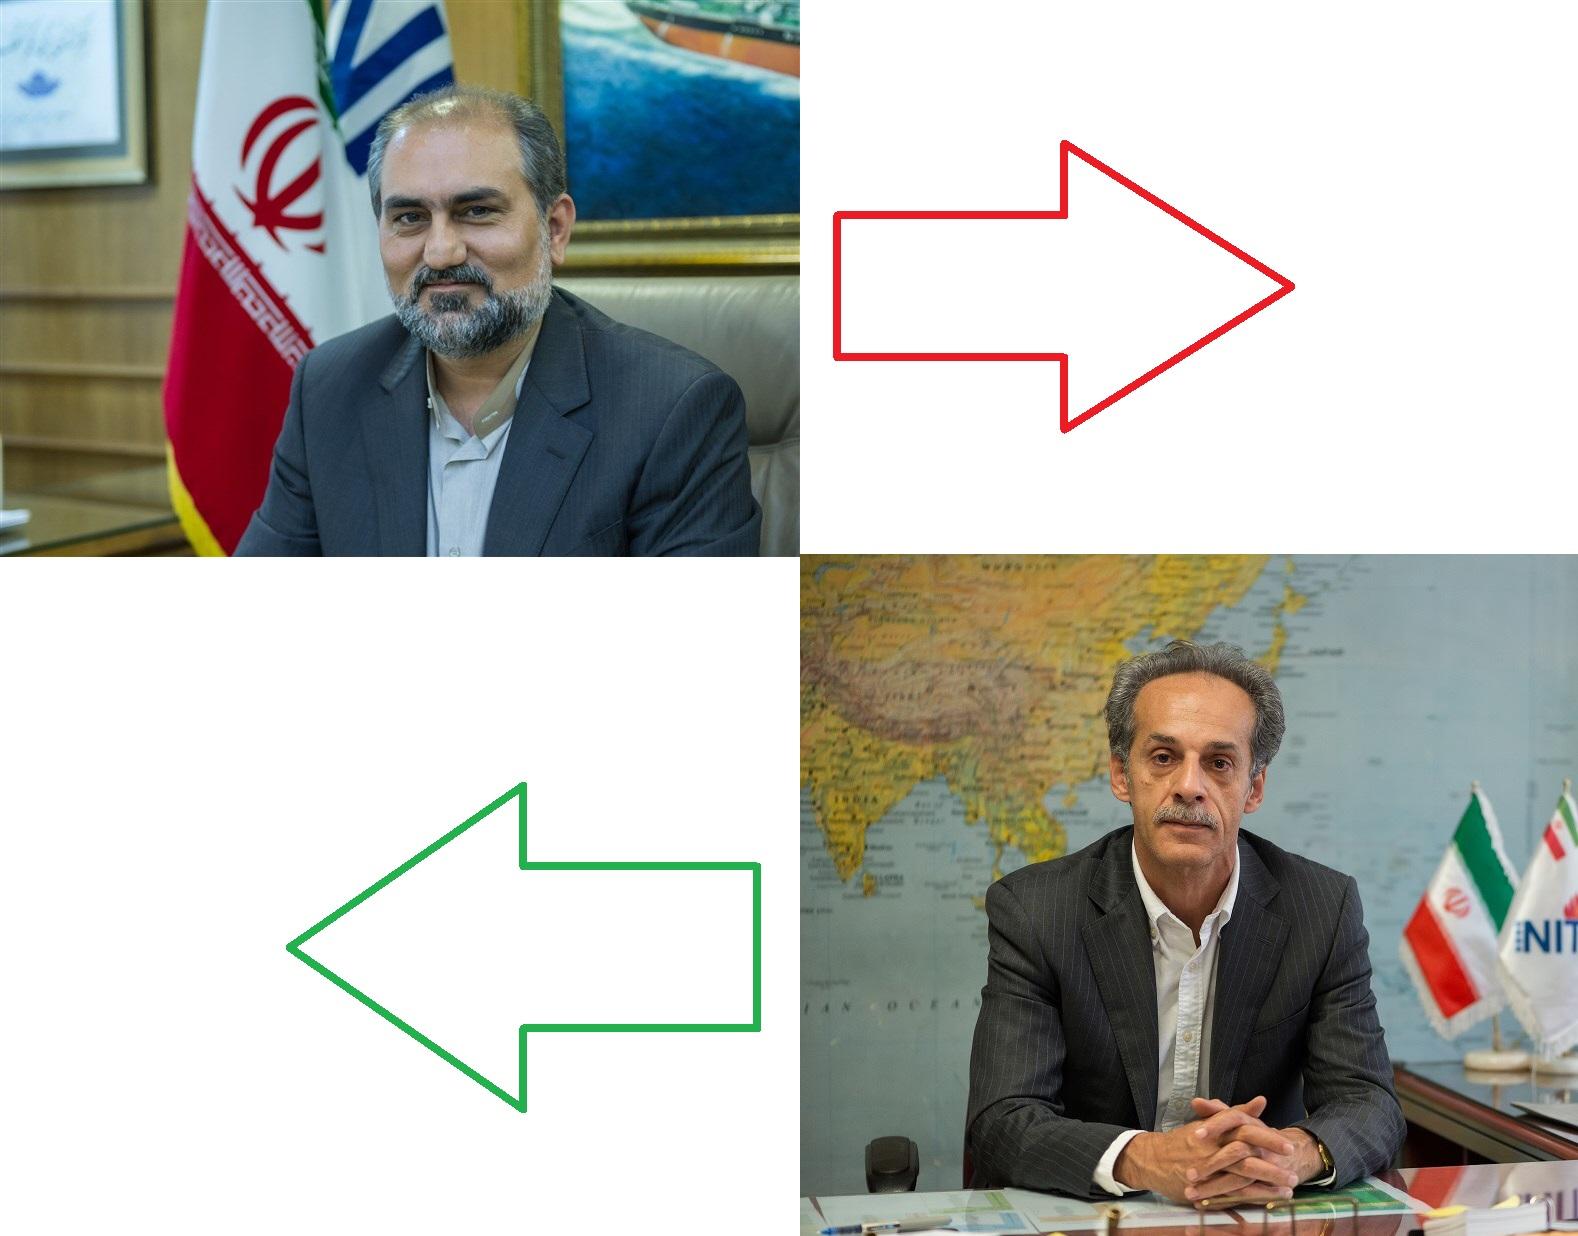 مدیرعامل شرکت ملی نفتکش عزل شد/ پای فاجعه «سانچی» در میان است؟!